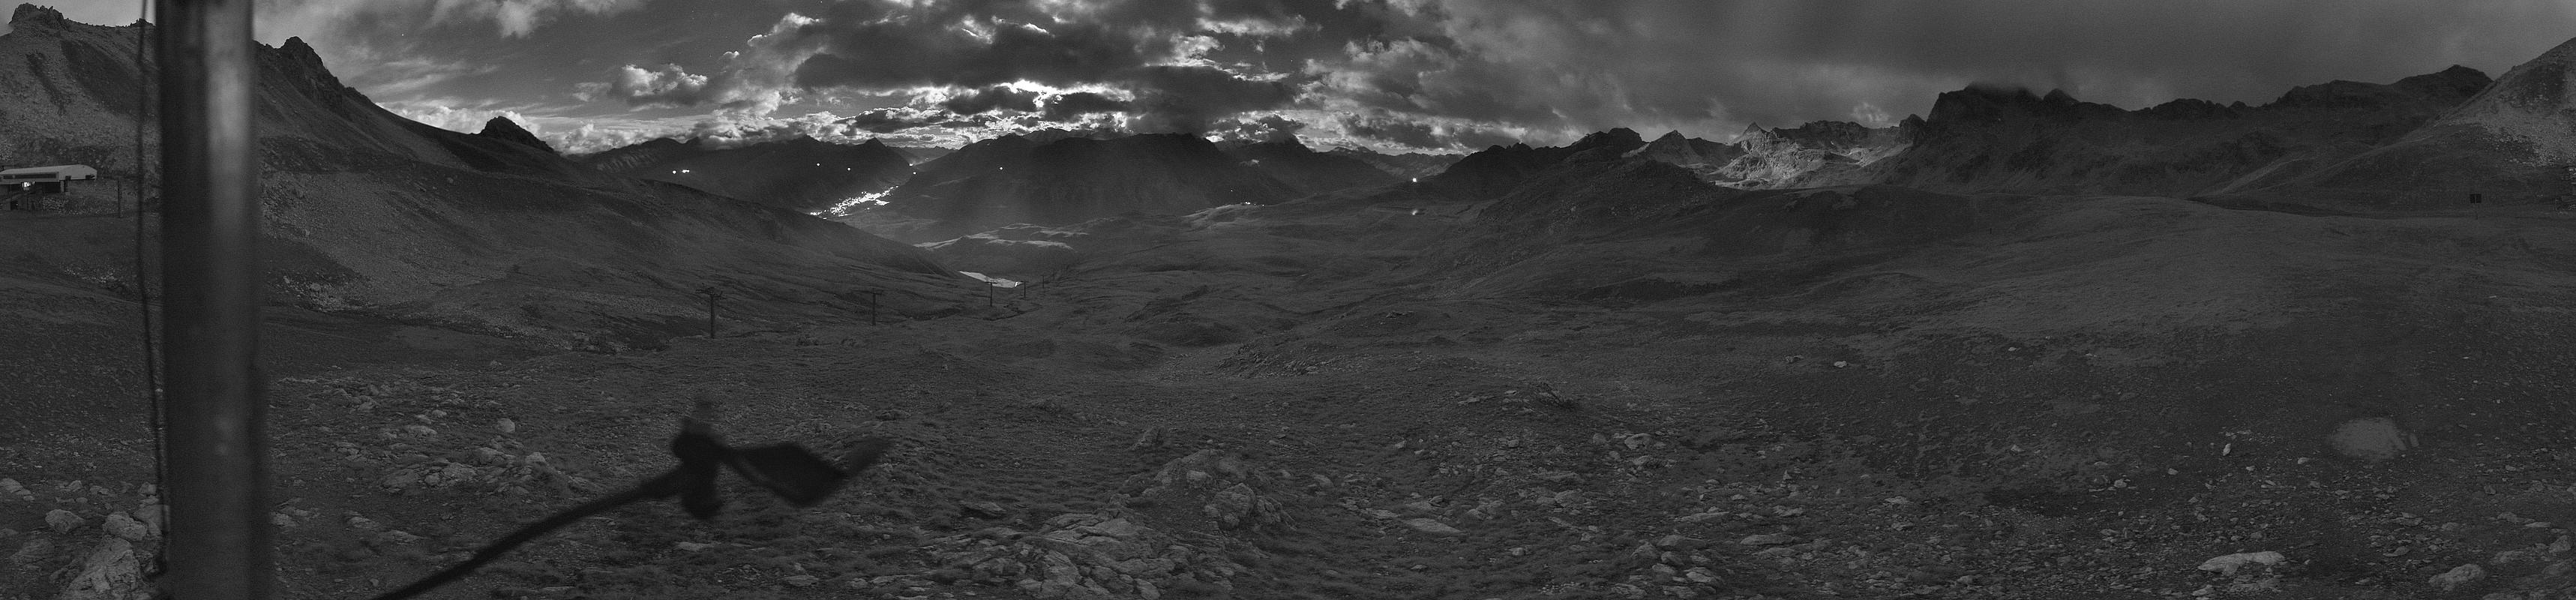 St. Moritz / Trais Fluors Bergstation / 7500 / Schweiz